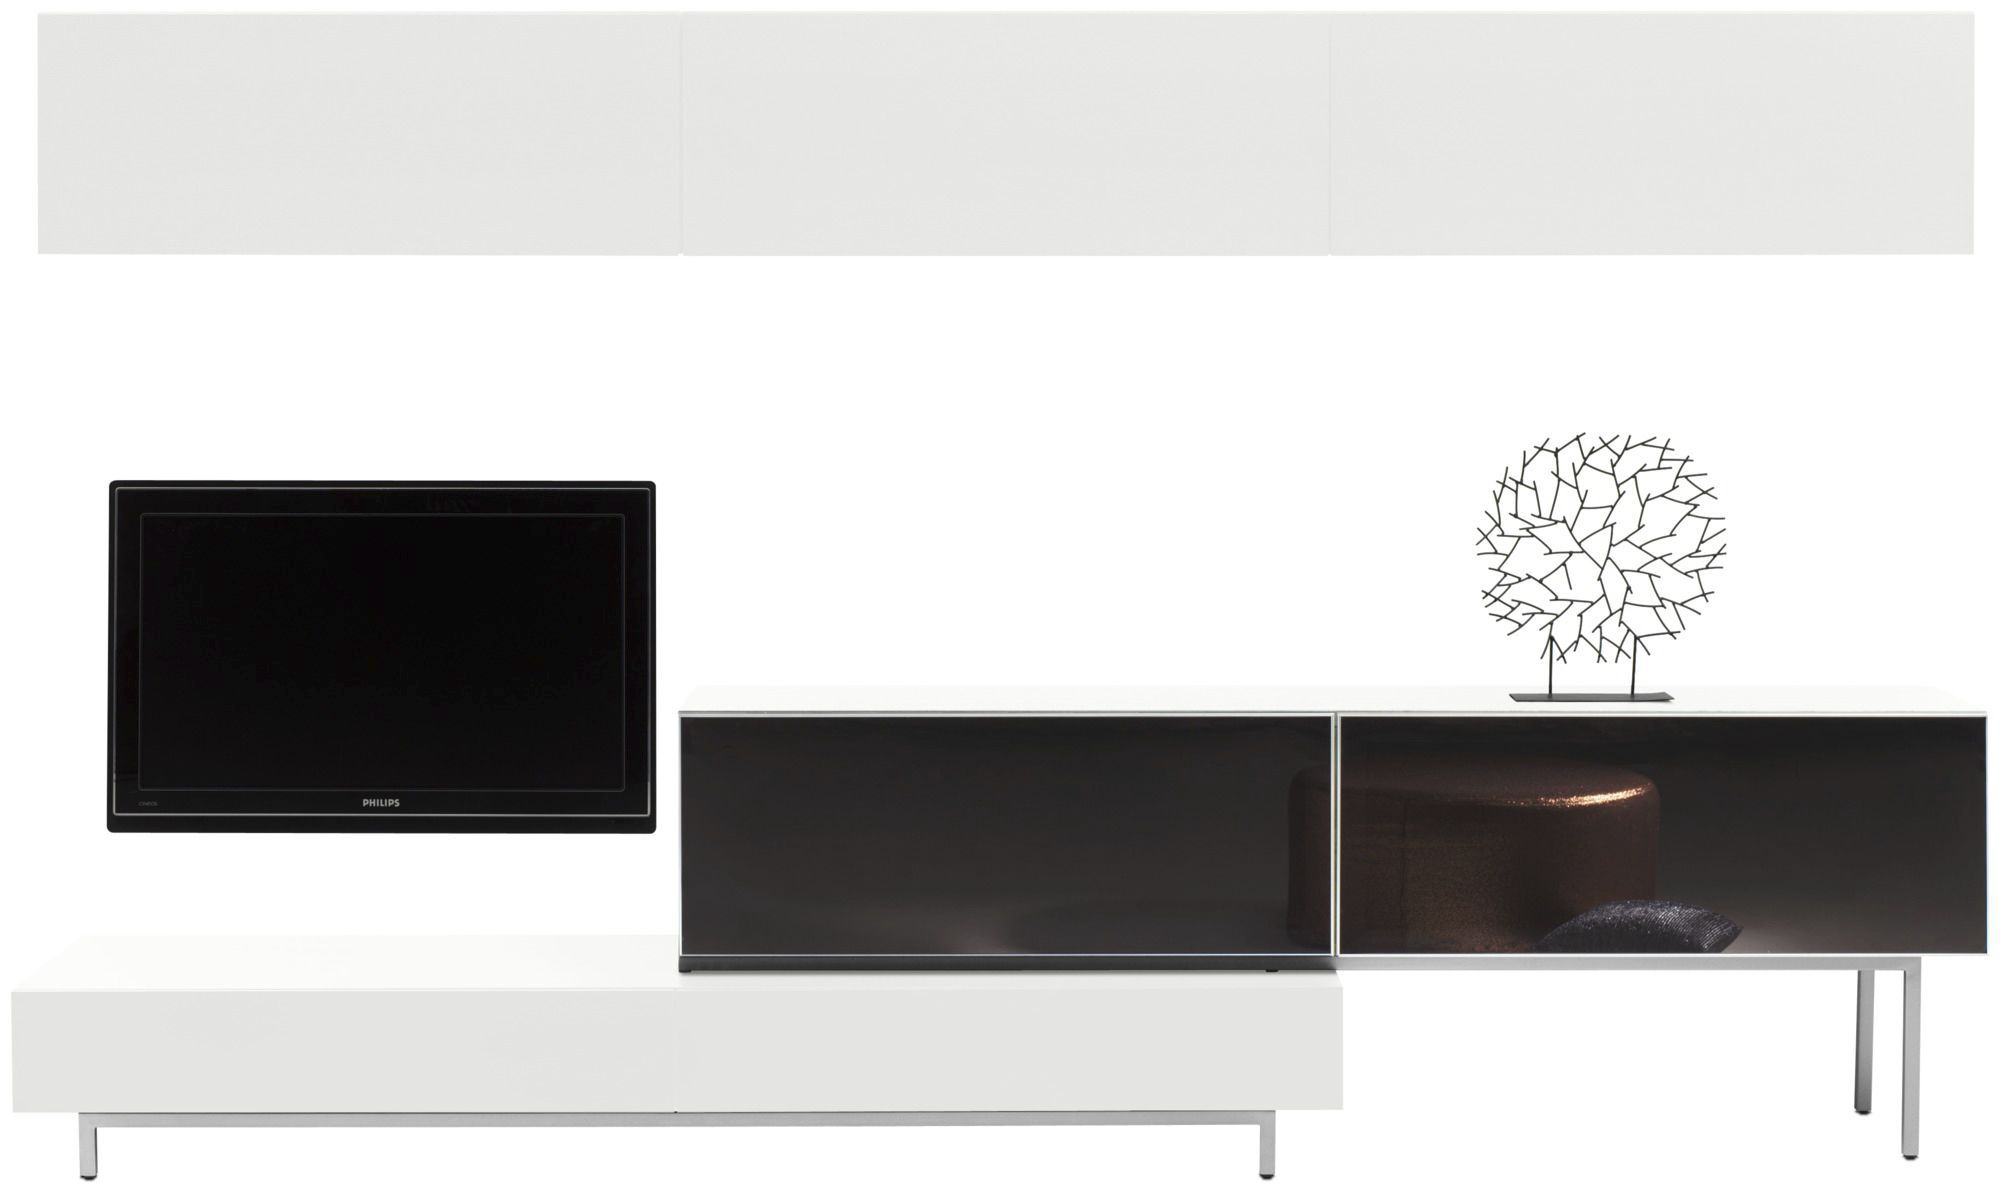 Meuble De T L Vision Contemporain En Bois En Verre En Acier  # Combinaison Murale Meuble Tv